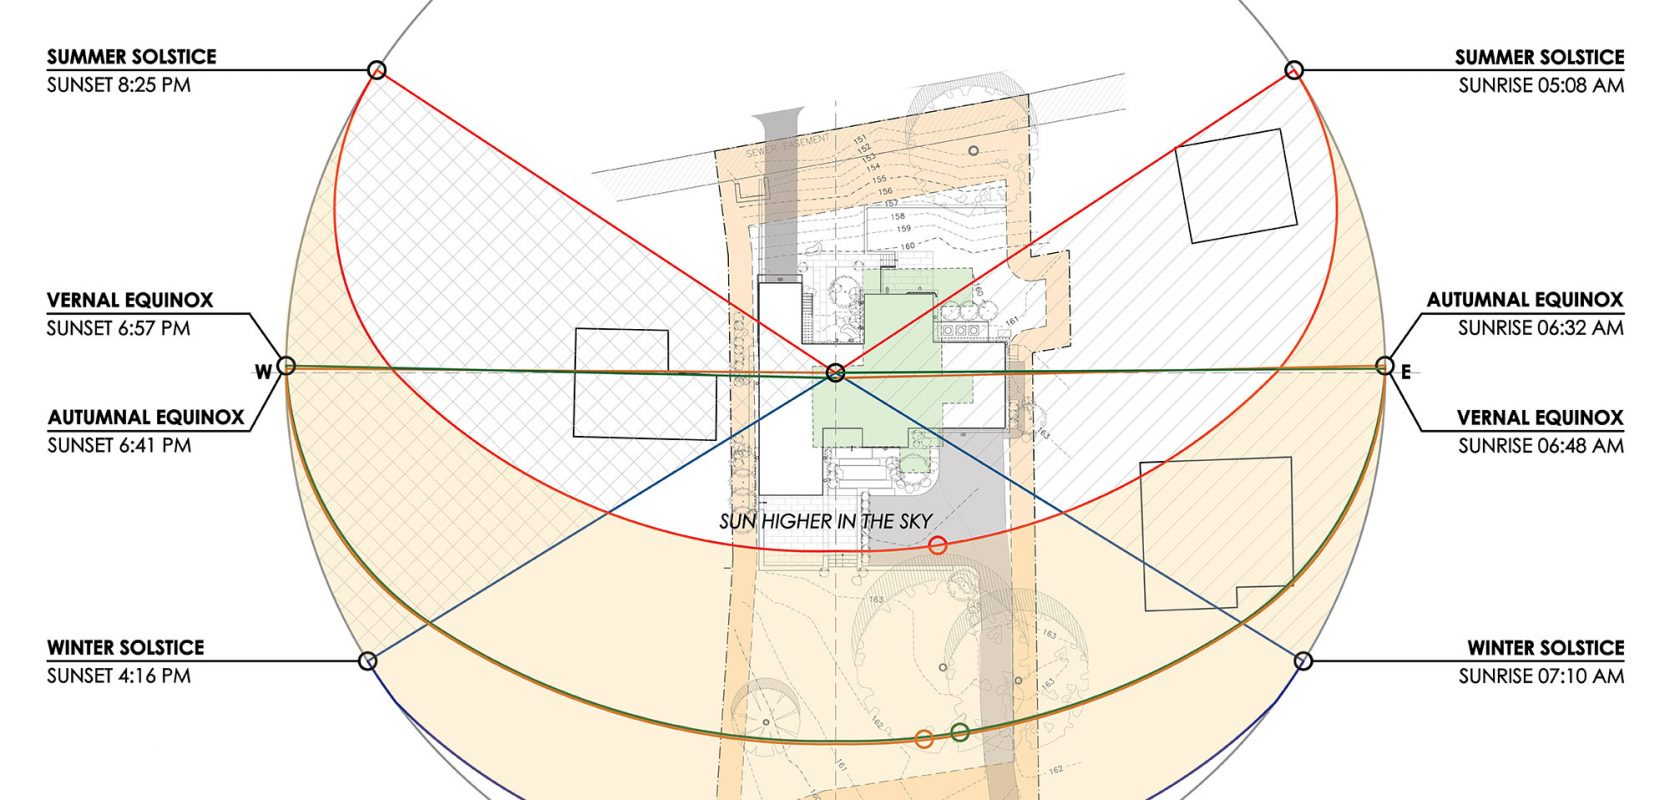 2d diagram of sun analysis